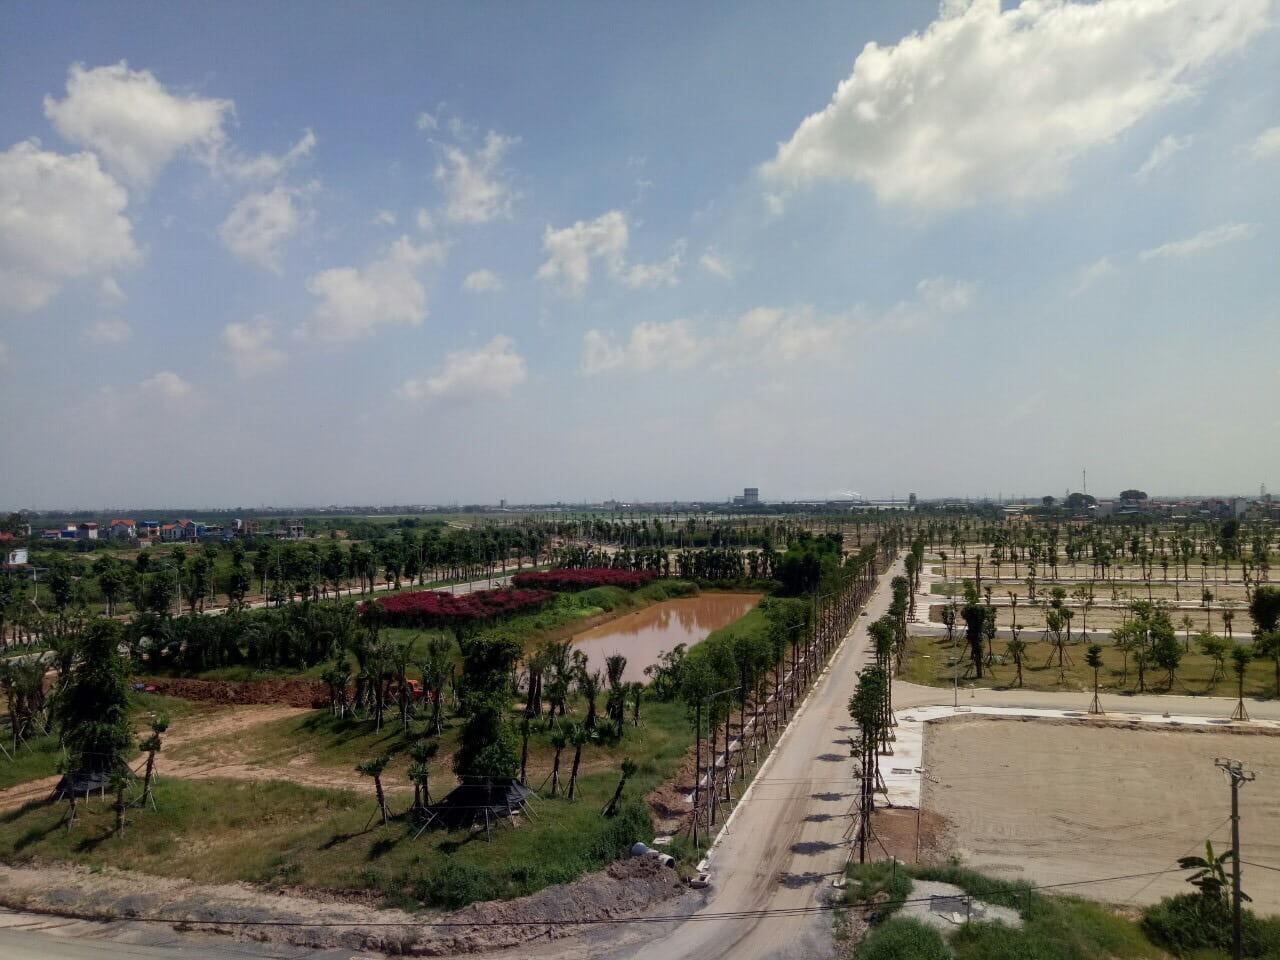 Tiến độ xây dựng dự án Hoà Phát Forestar Hưng Yên